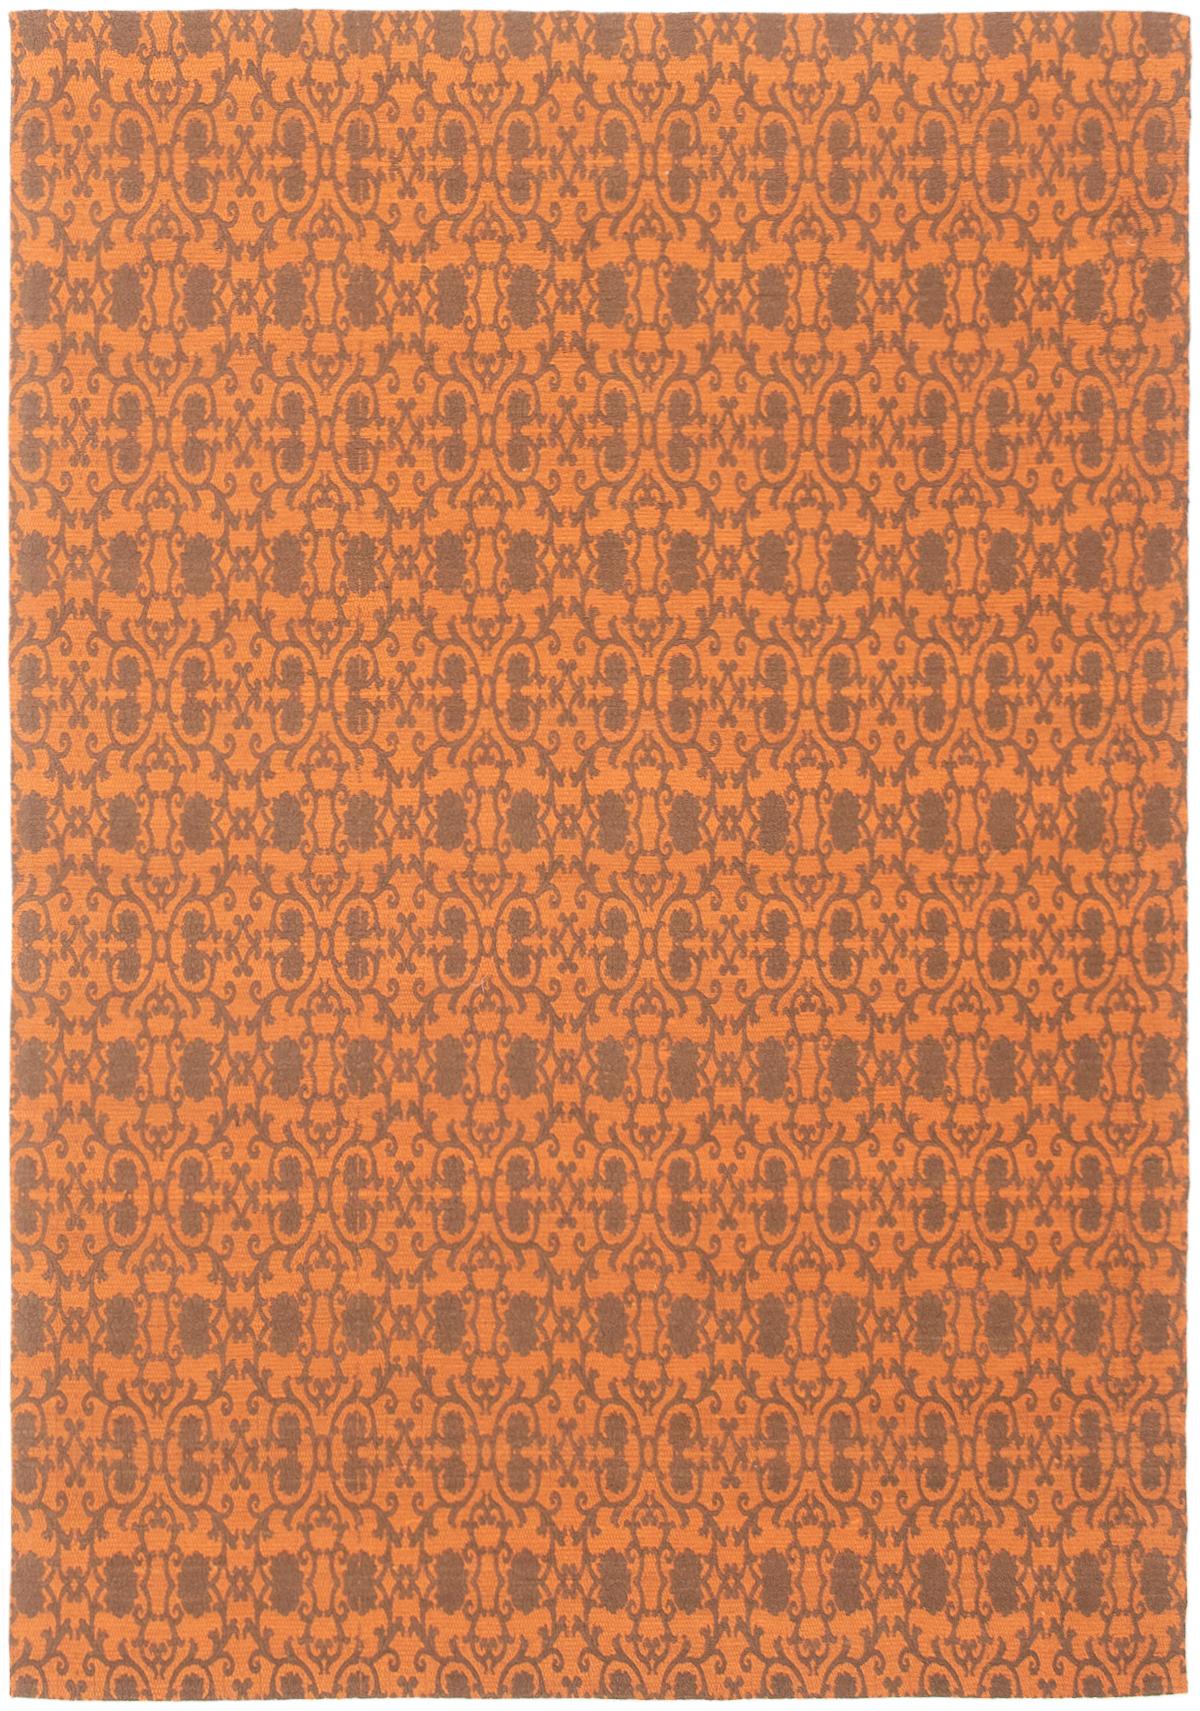 """Handmade Collage Burnt Orange, Dark Grey Chenille Rug 4'7"""" x 6'7"""" Size: 4'7"""" x 6'7"""""""